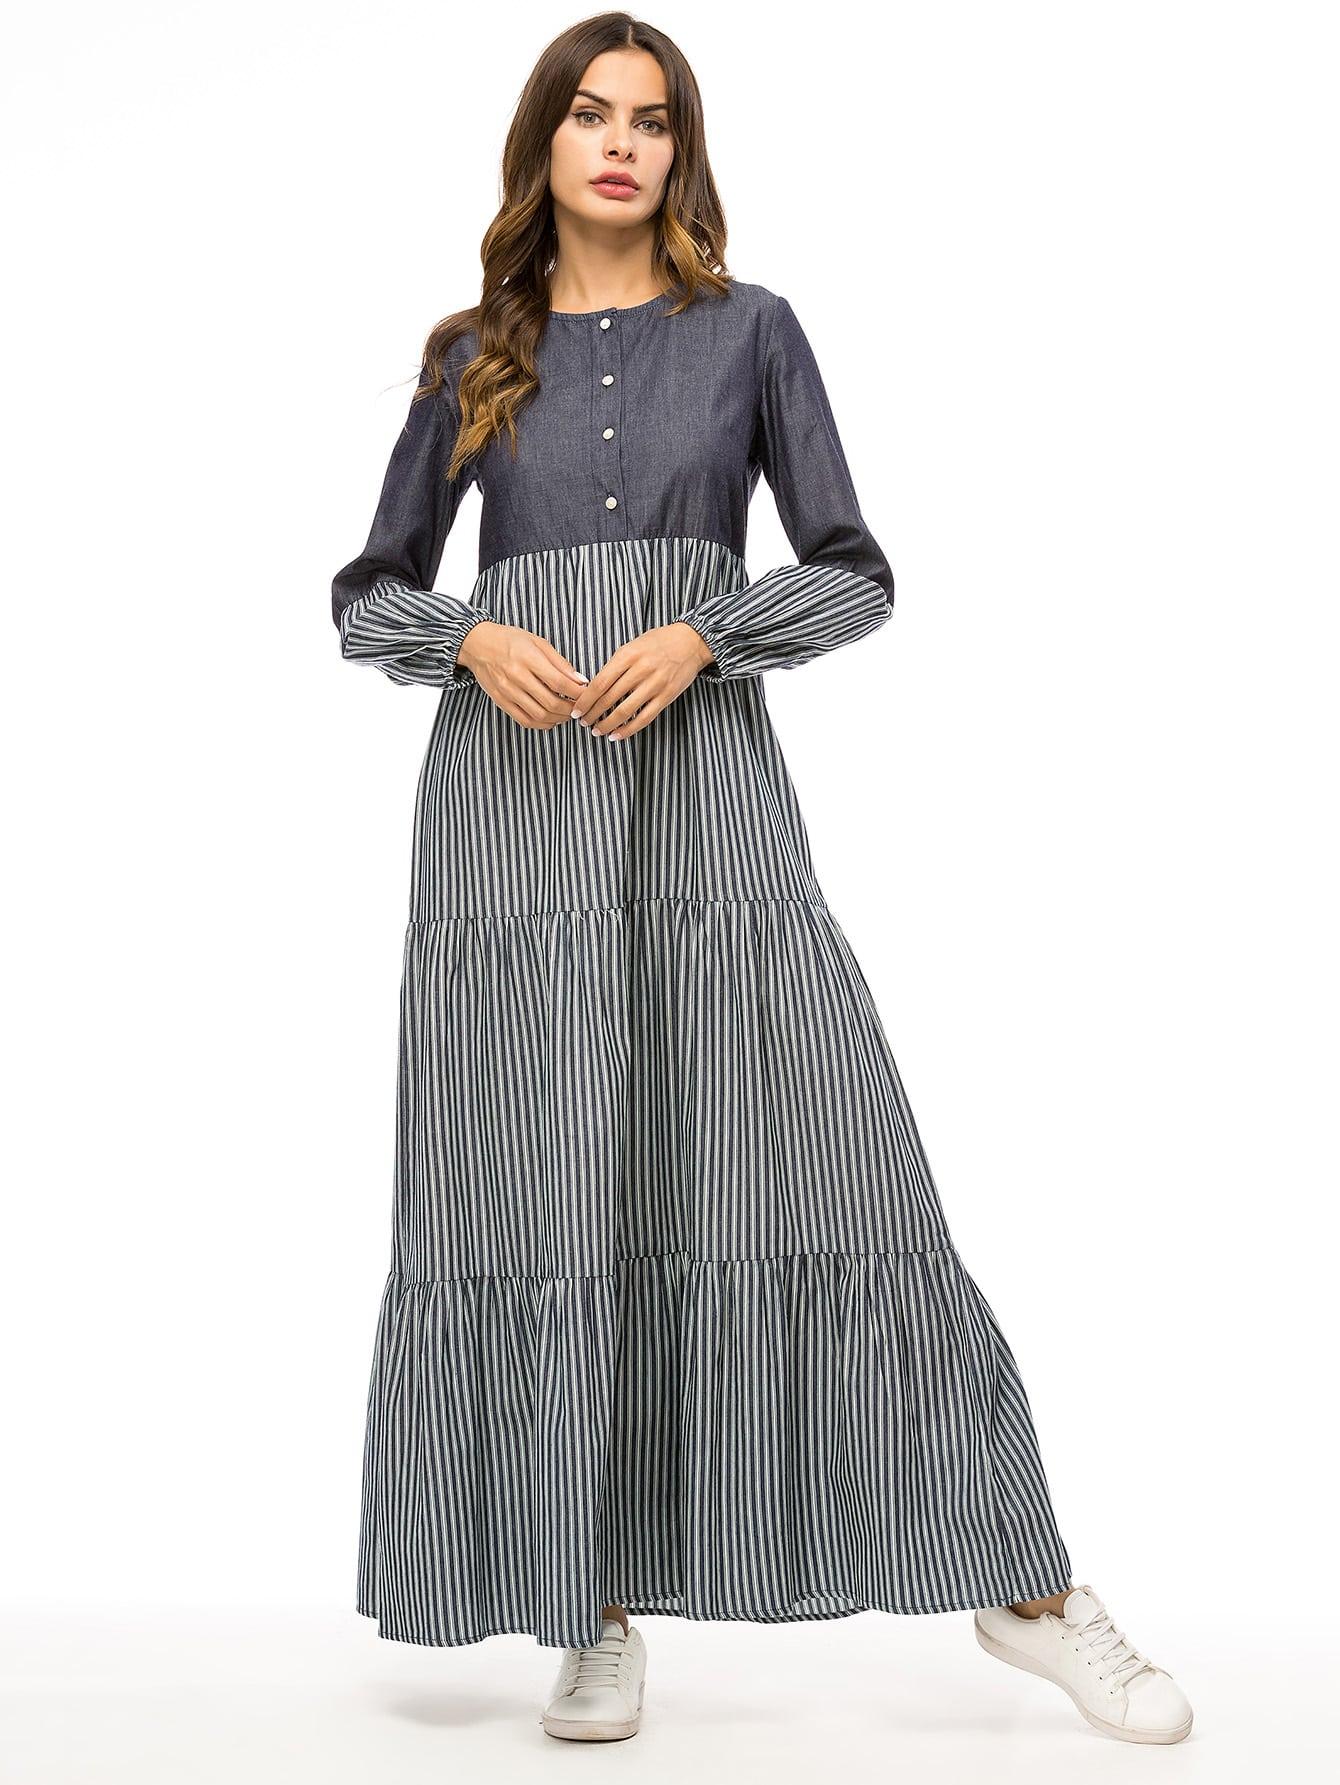 Купить Платье с оригинальным рукавом и полосатым принтом, null, SheIn